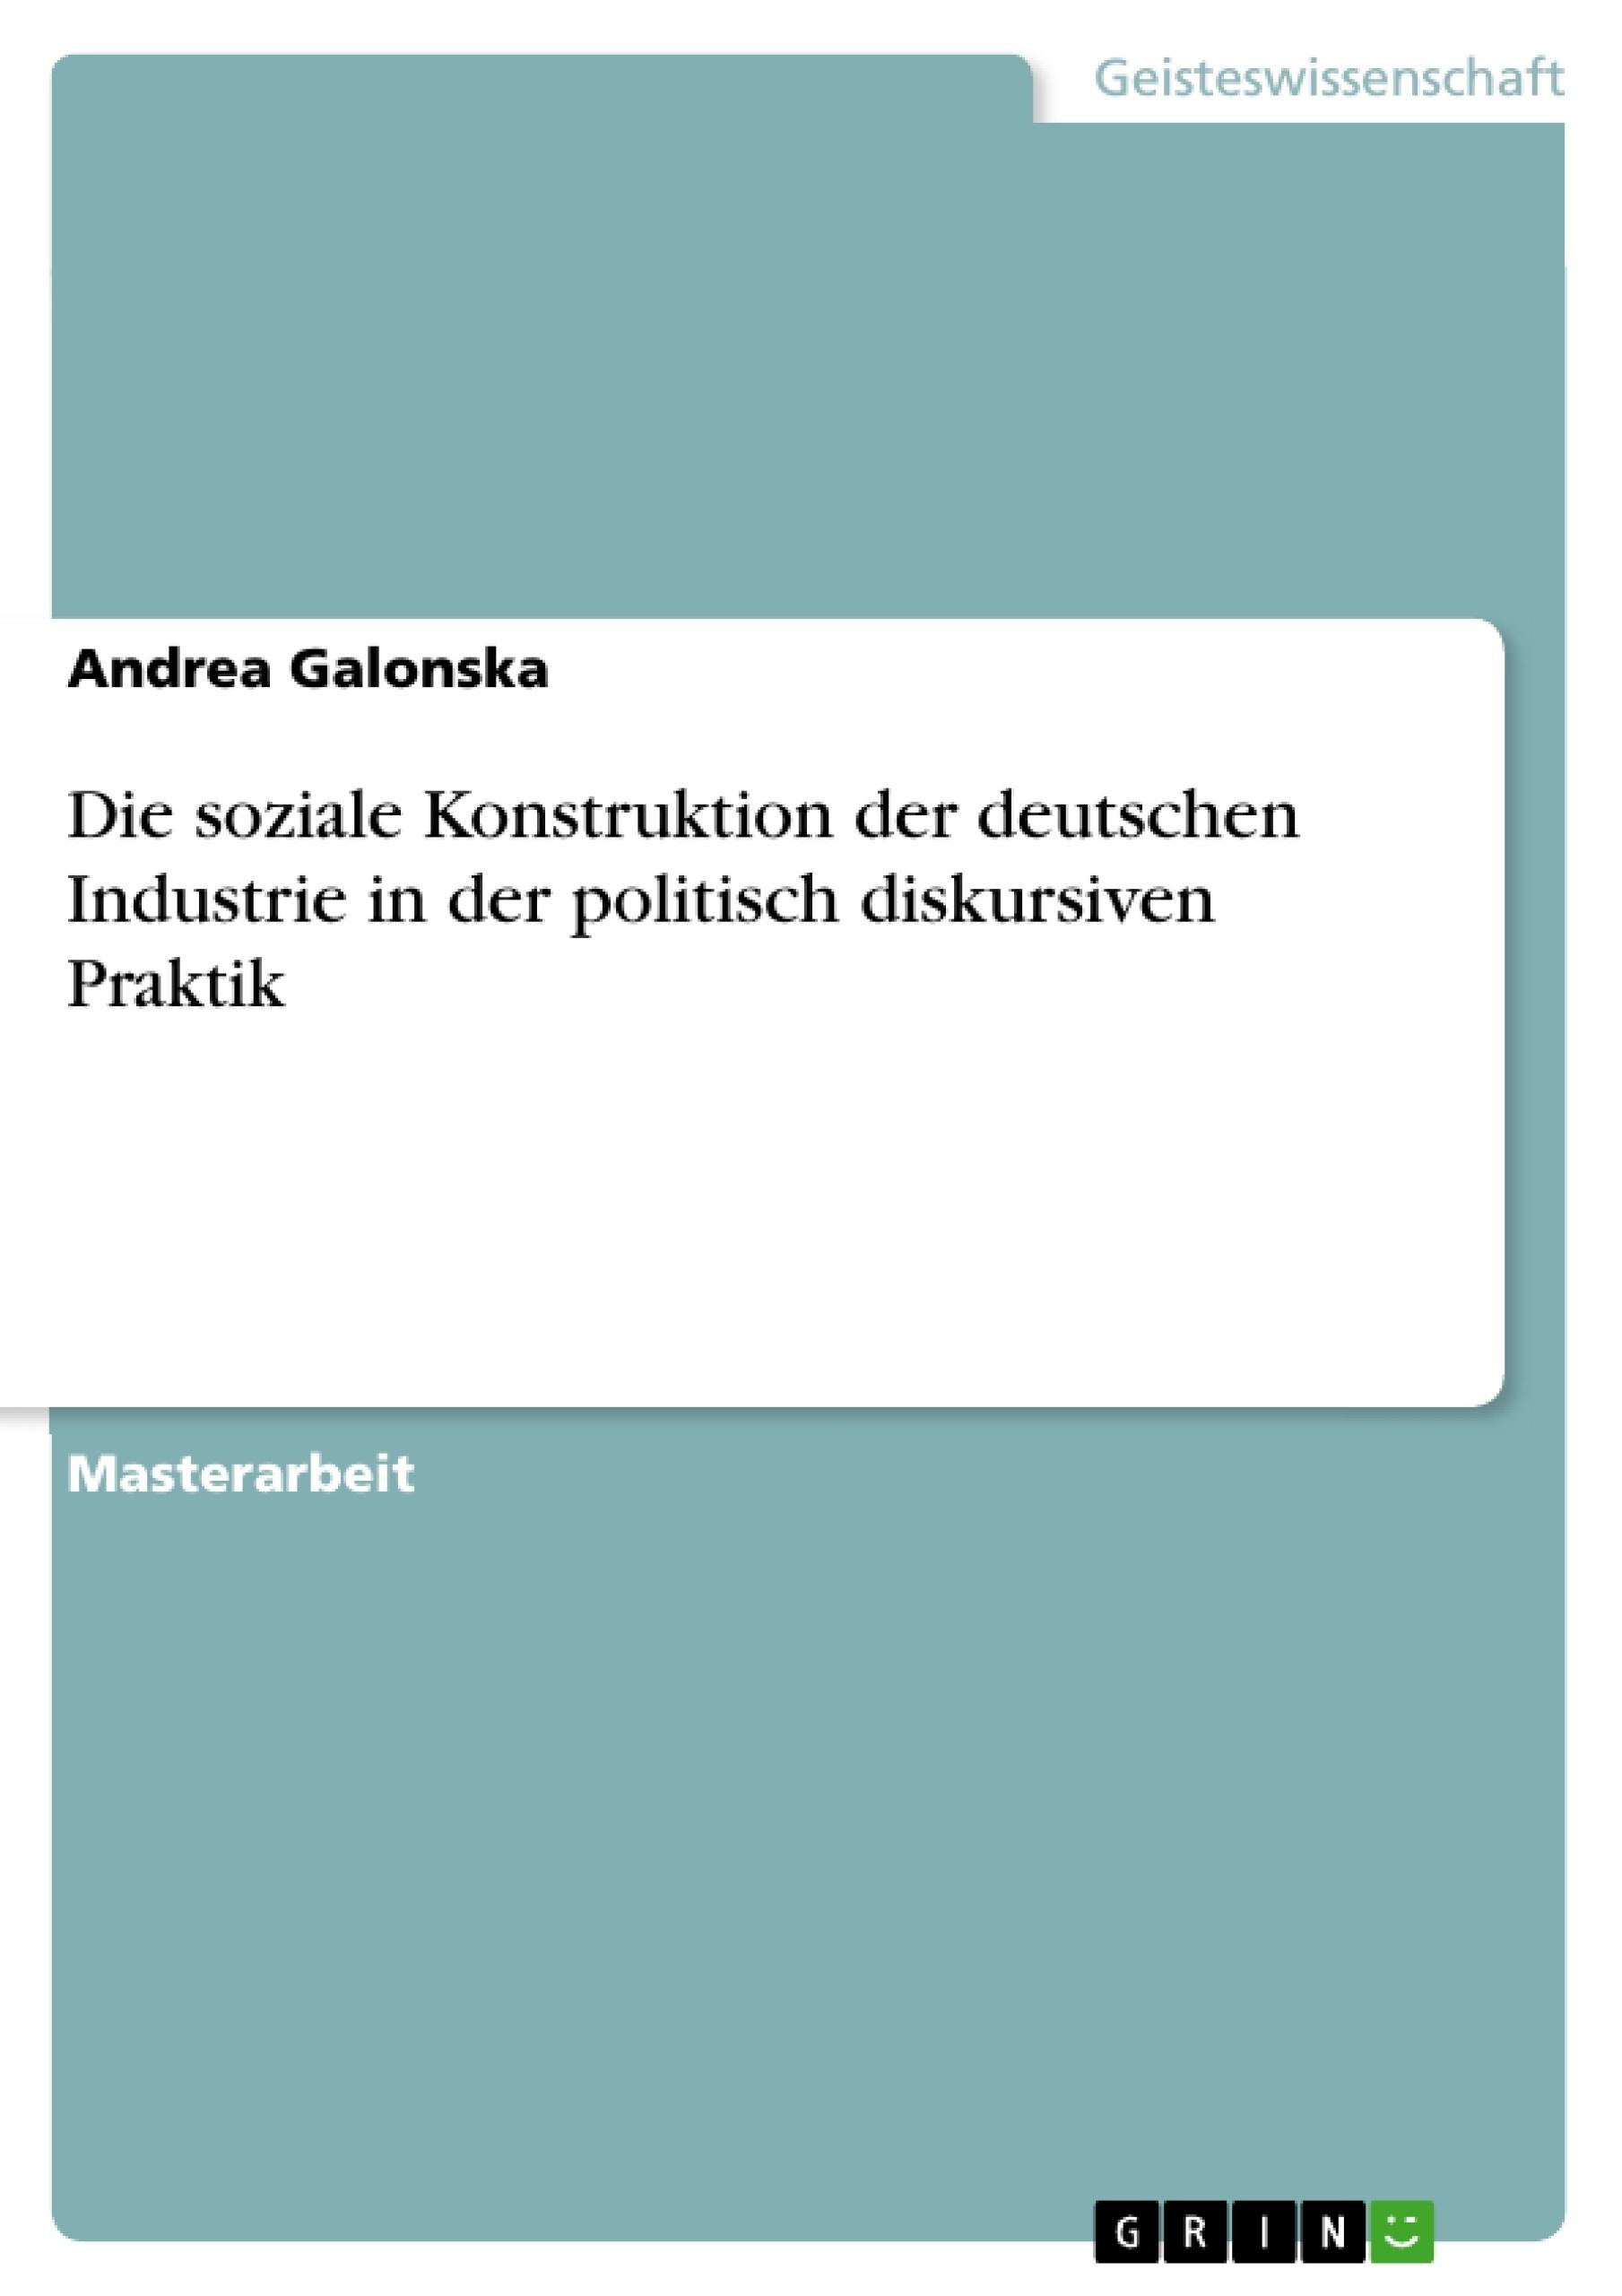 Titel: Die soziale Konstruktion der deutschen Industrie in der politisch diskursiven Praktik